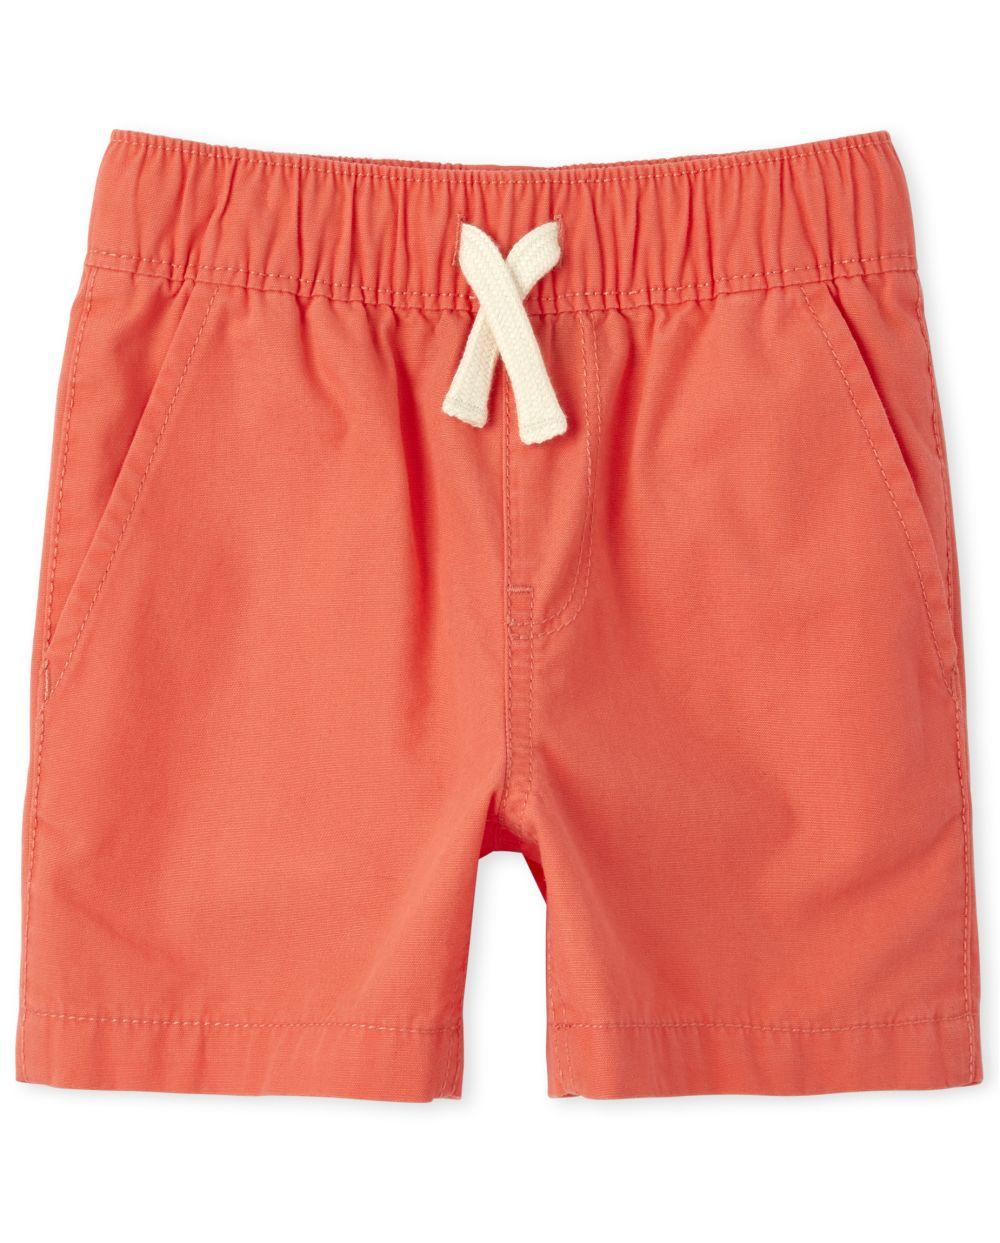 Pantalones cortos deportivos para bebés y niños pequeños